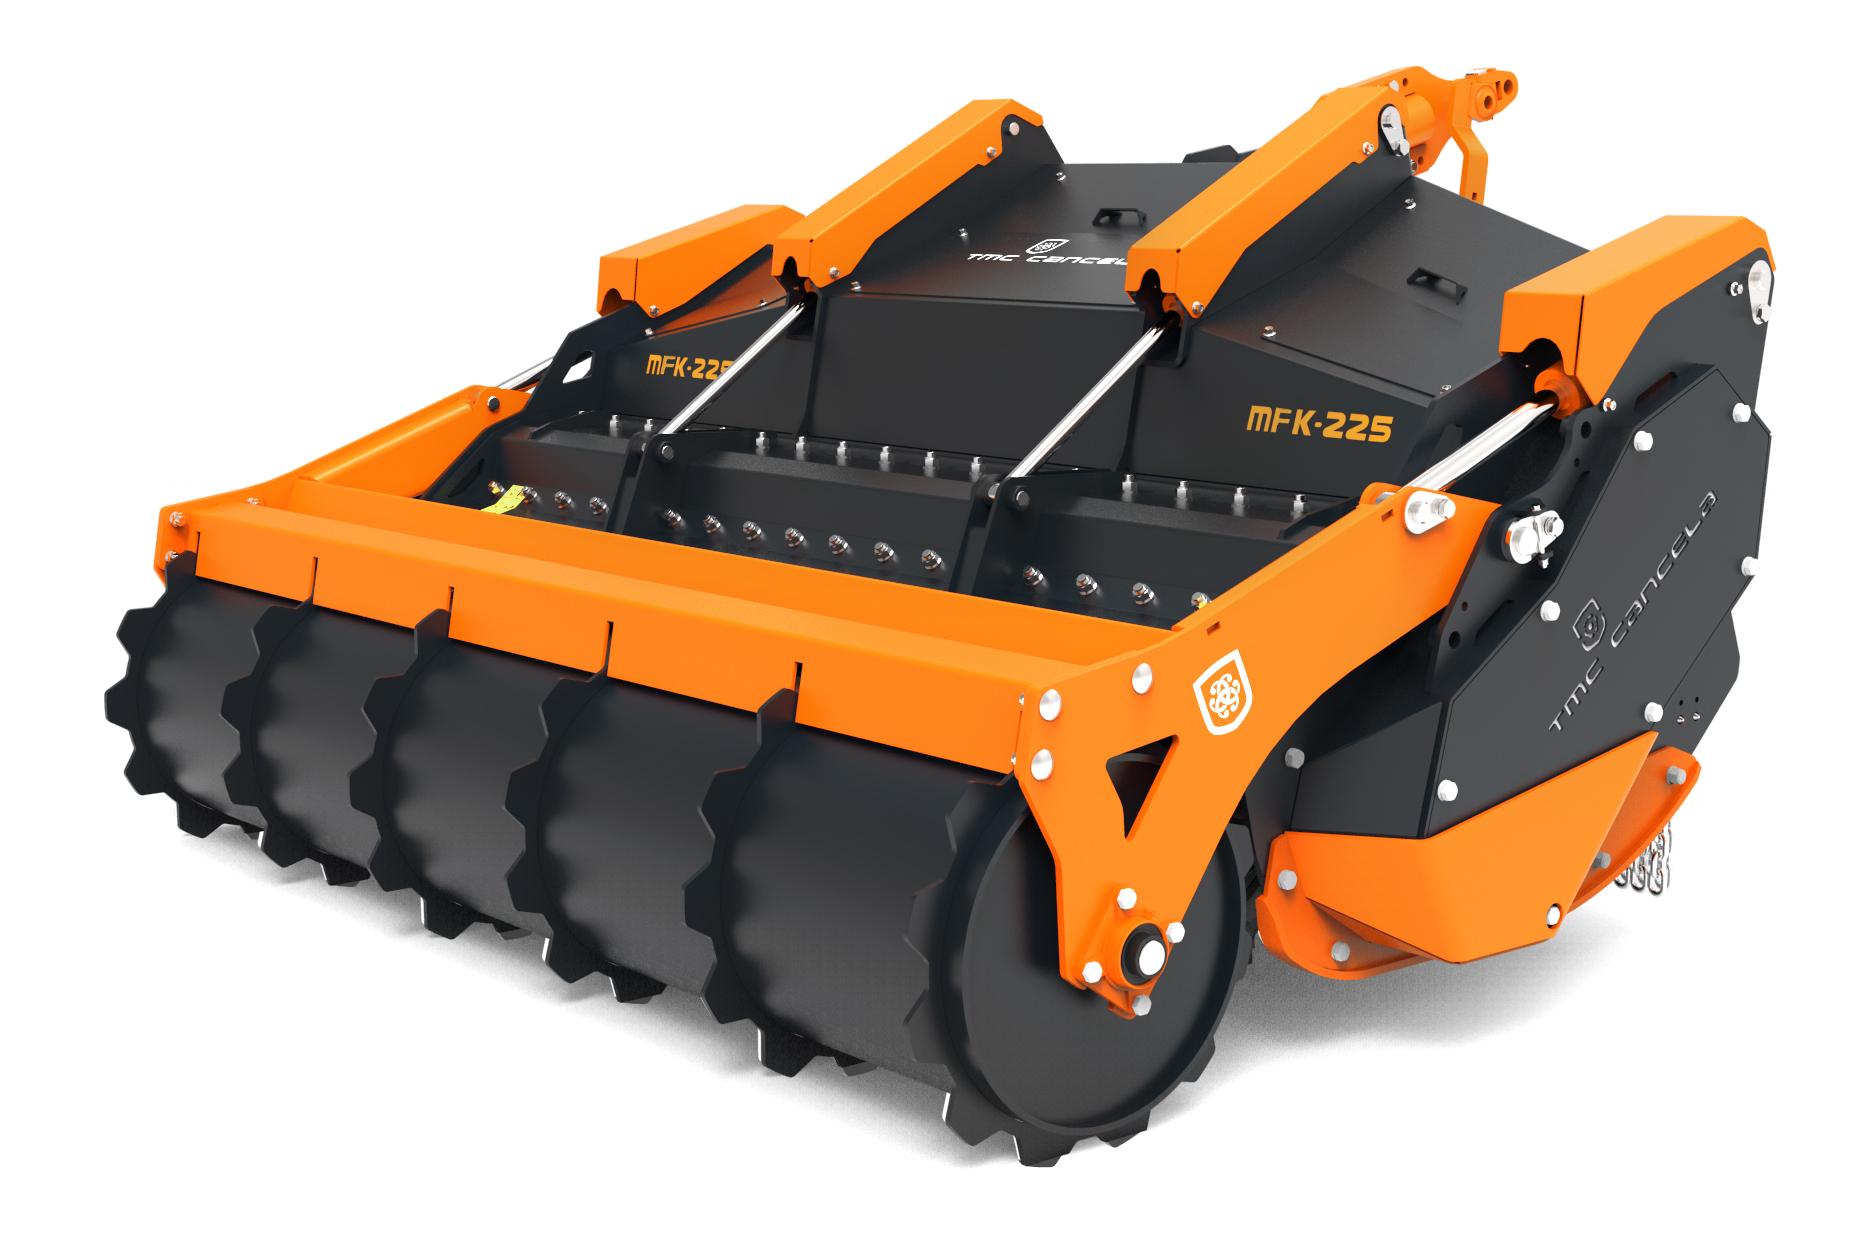 MFK 225 01 001 Máquina